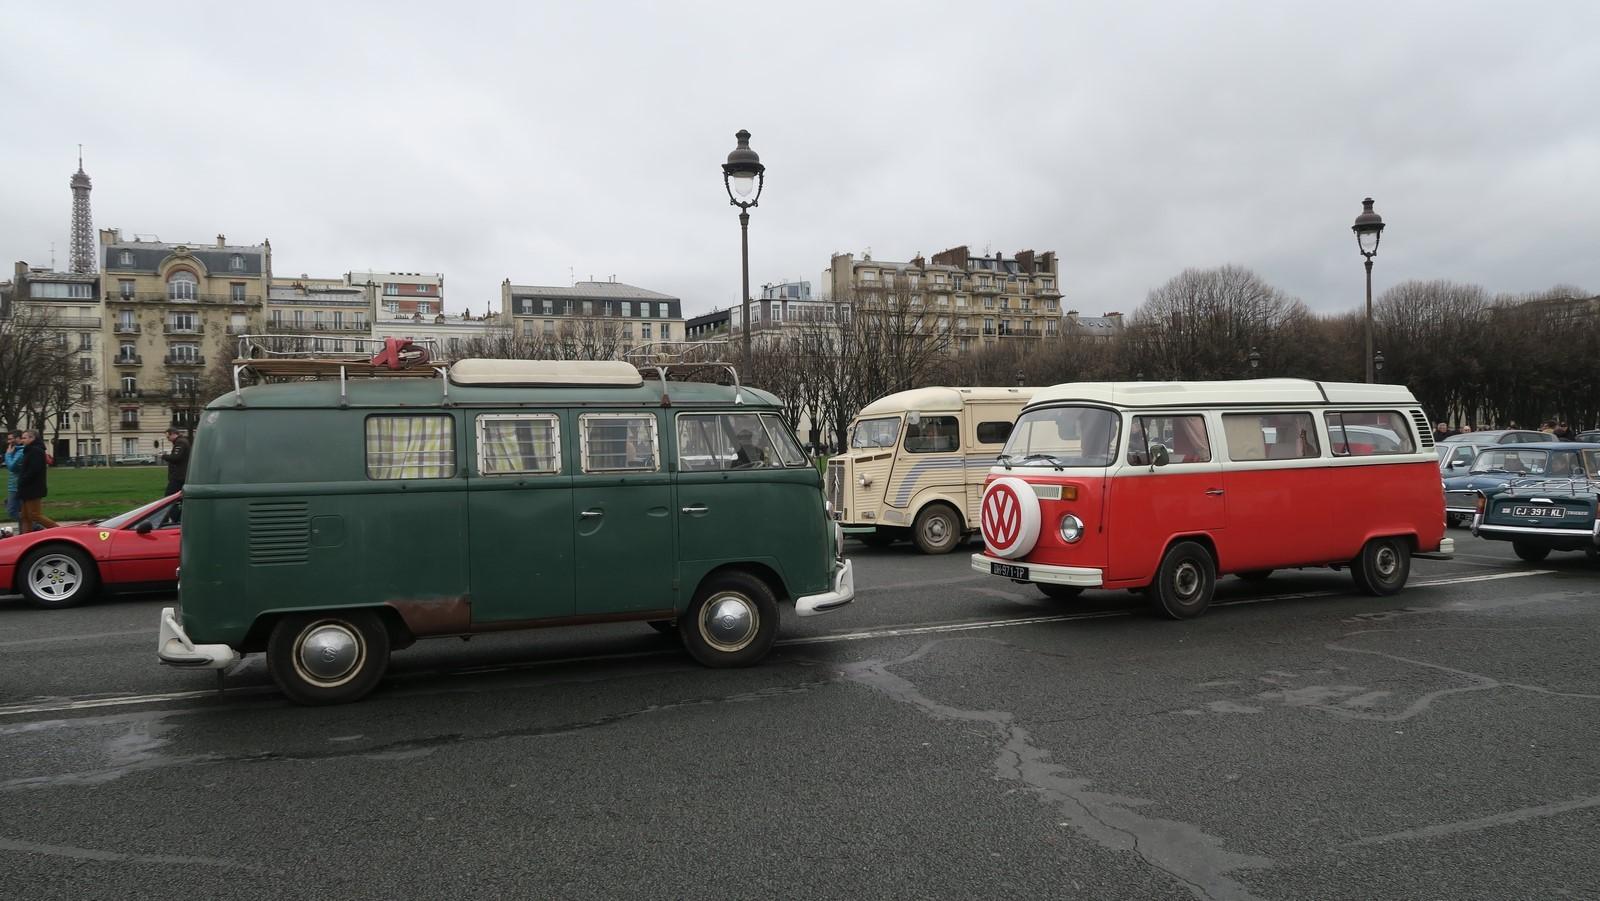 Traversee de Paris hivernale 2019 FM 91